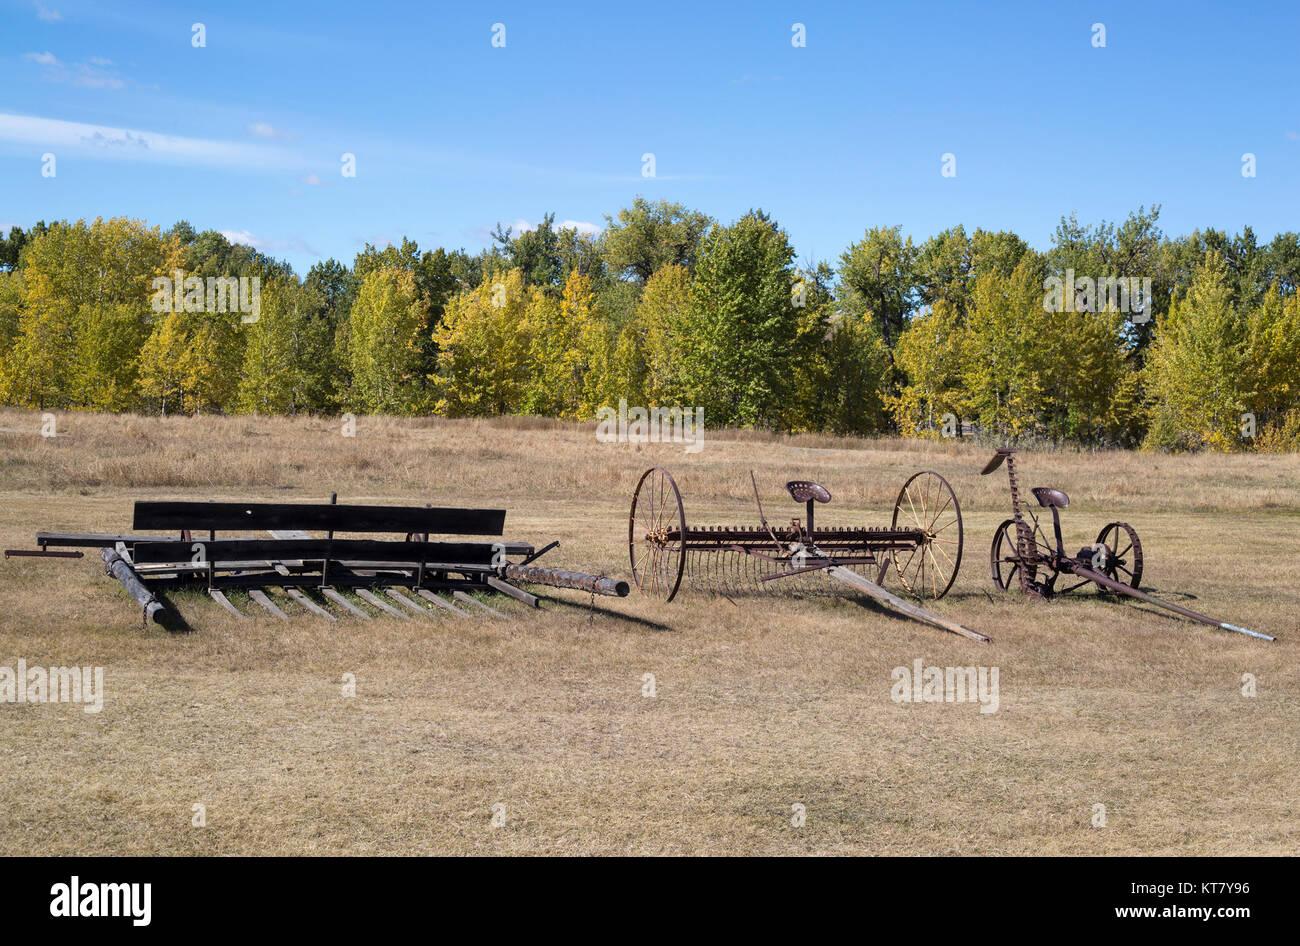 Macchinari agricoli in un campo presso il bar U Ranch National Historic Site Immagini Stock